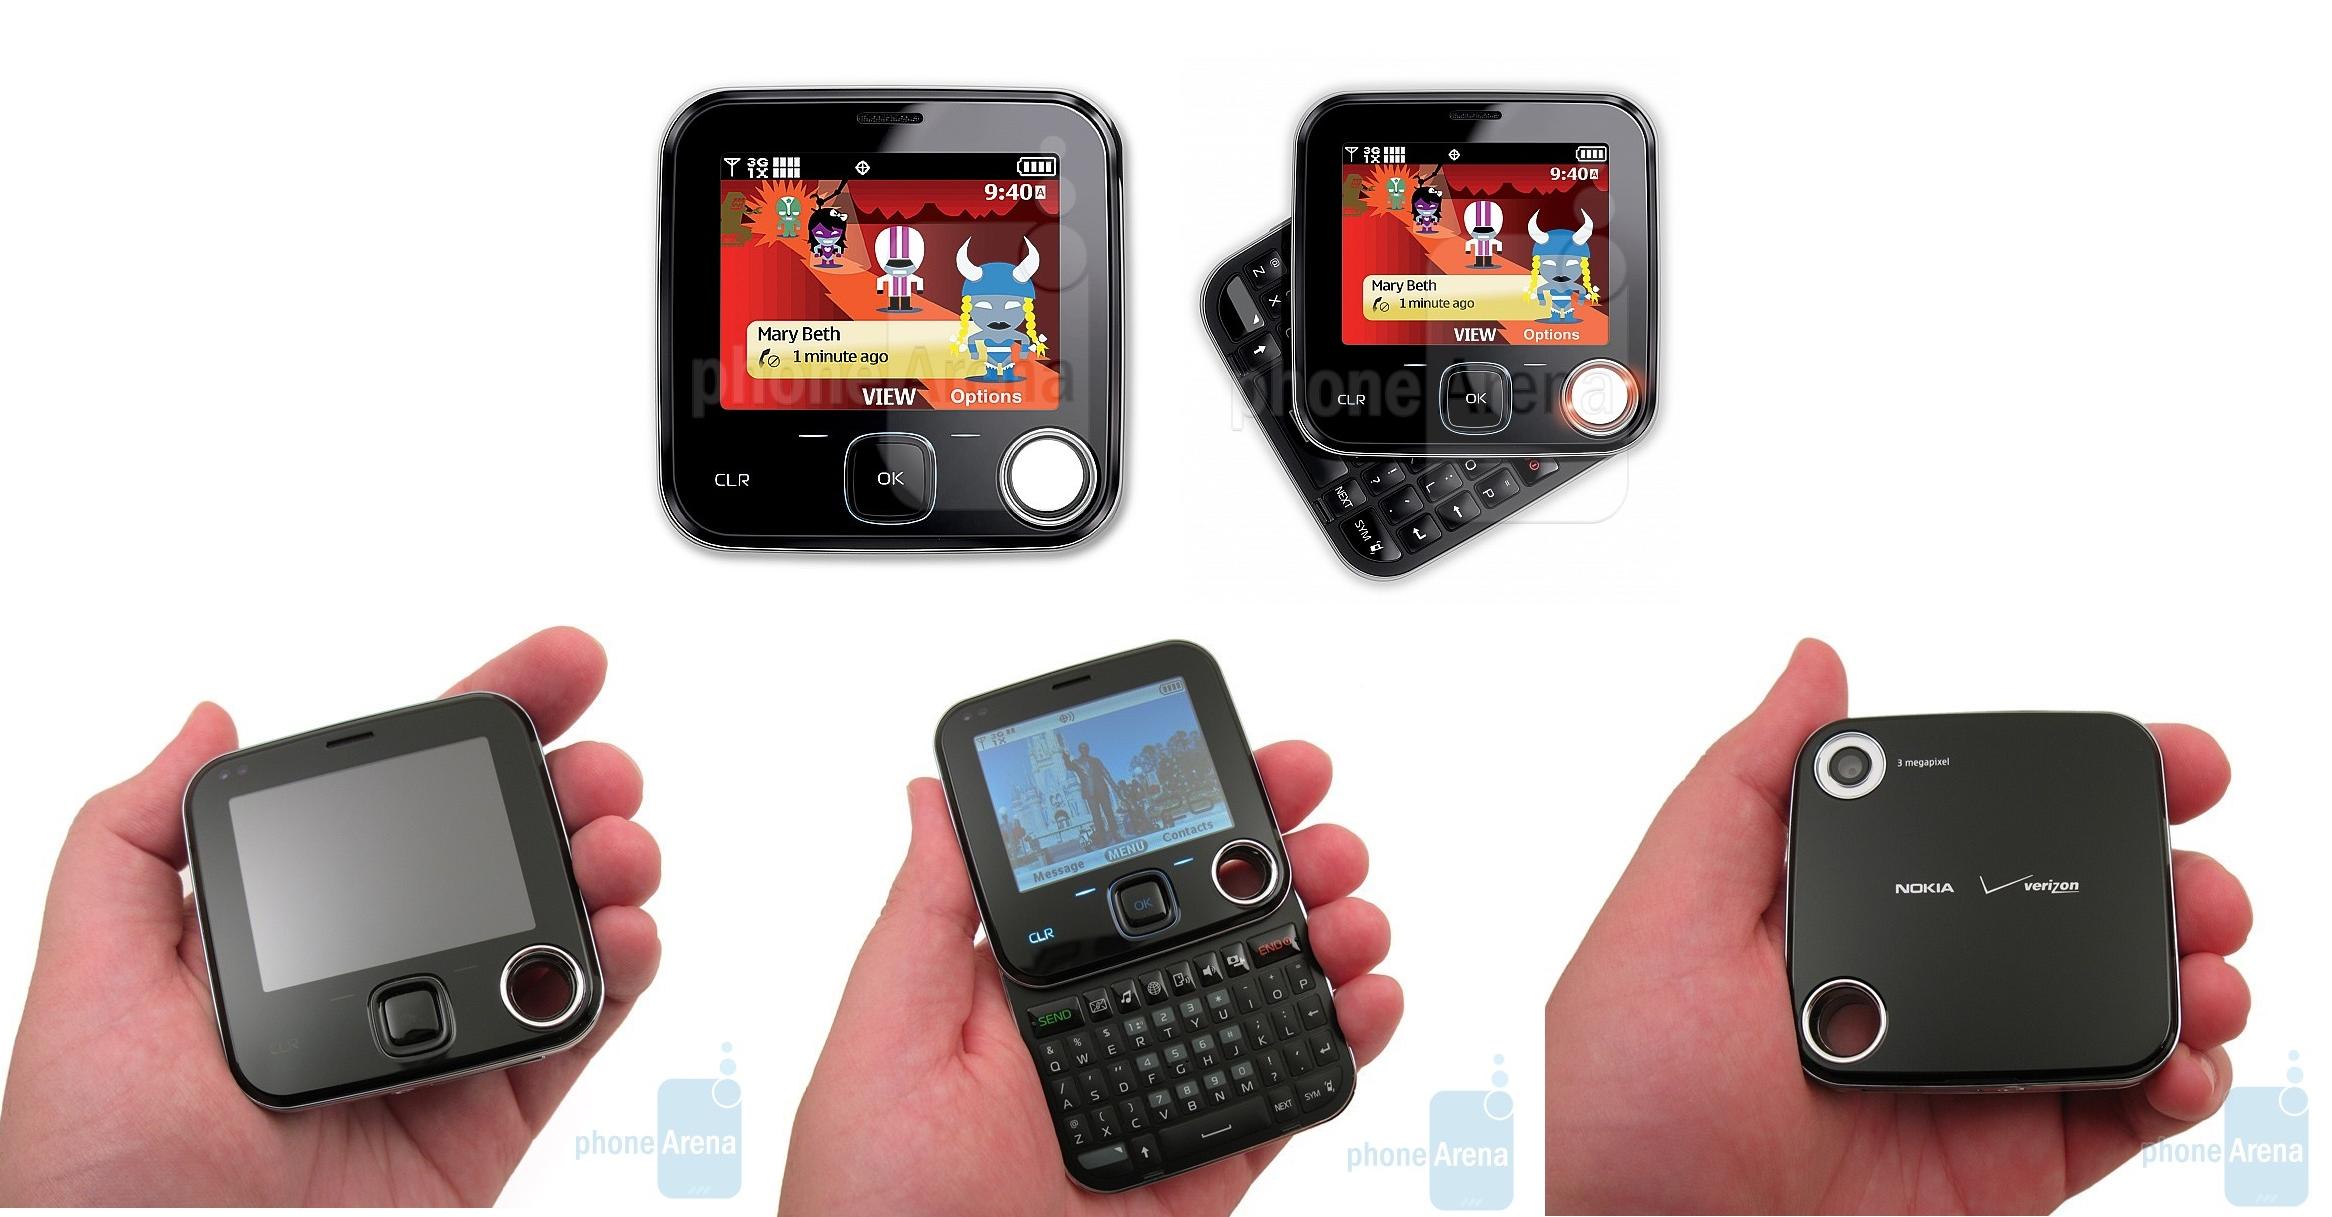 Nokia-Twist-7705